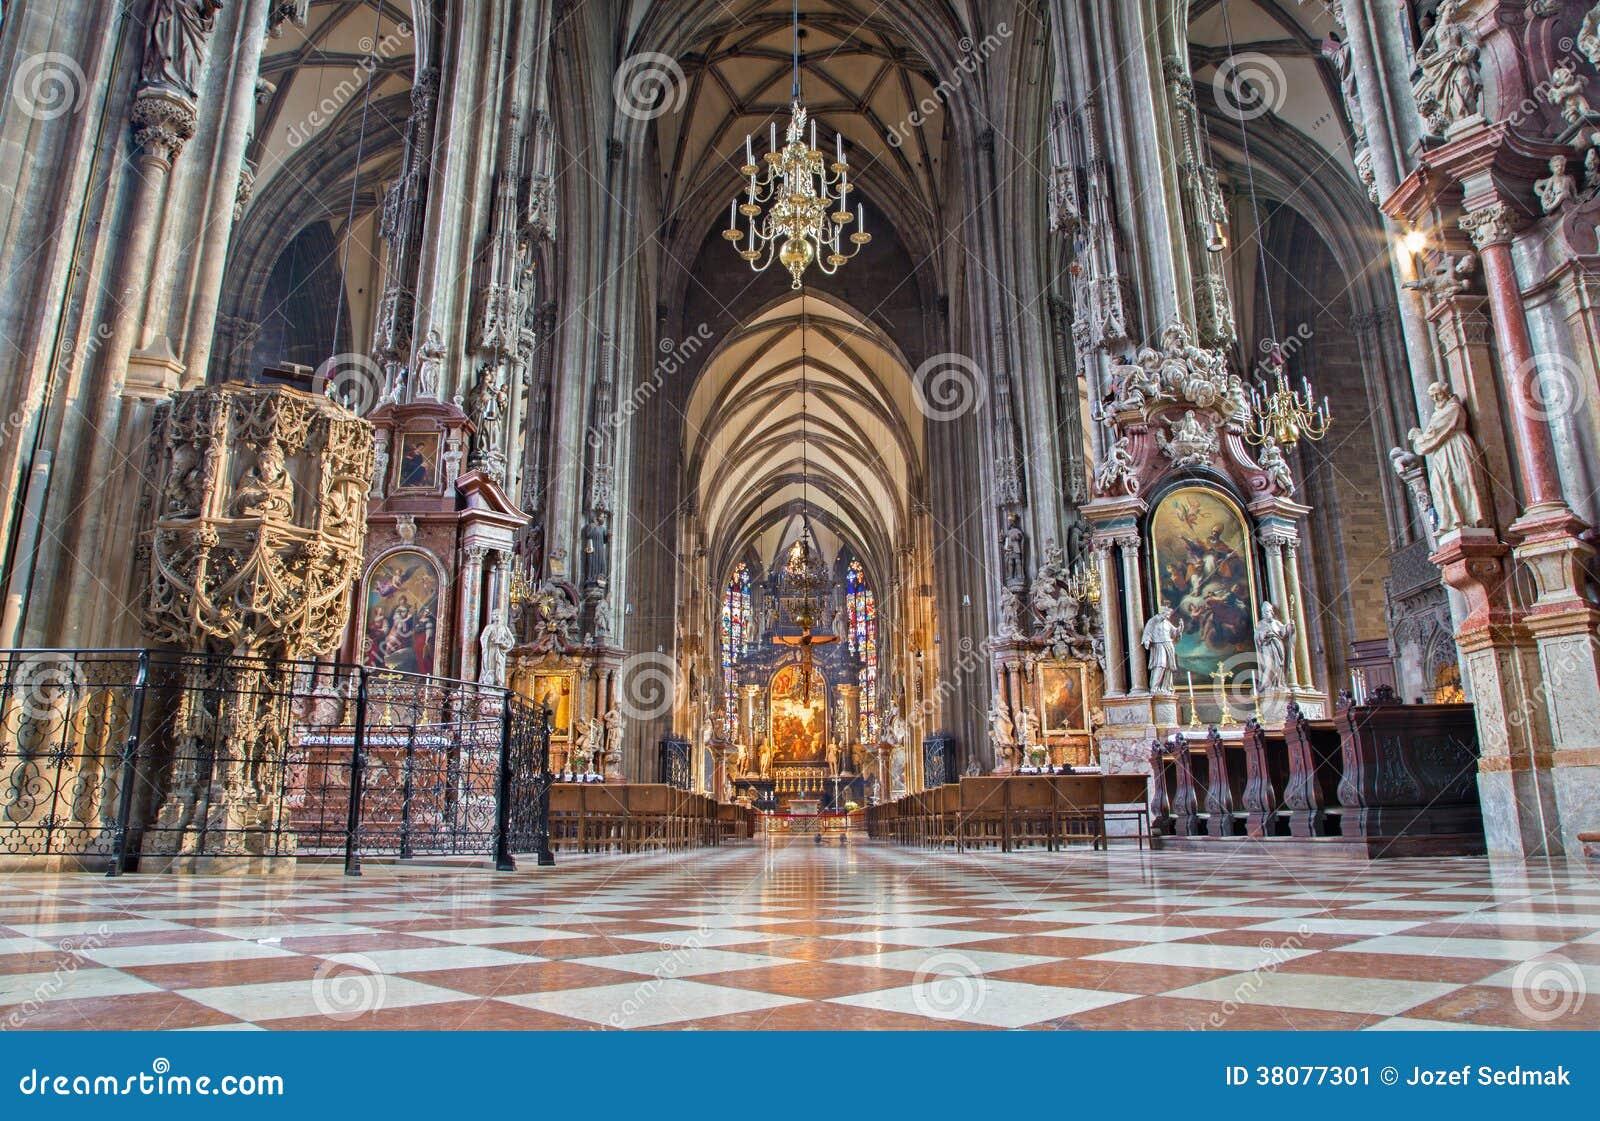 Wien - Innen St. Stephens von Kathedrale oder von Stephansdom.